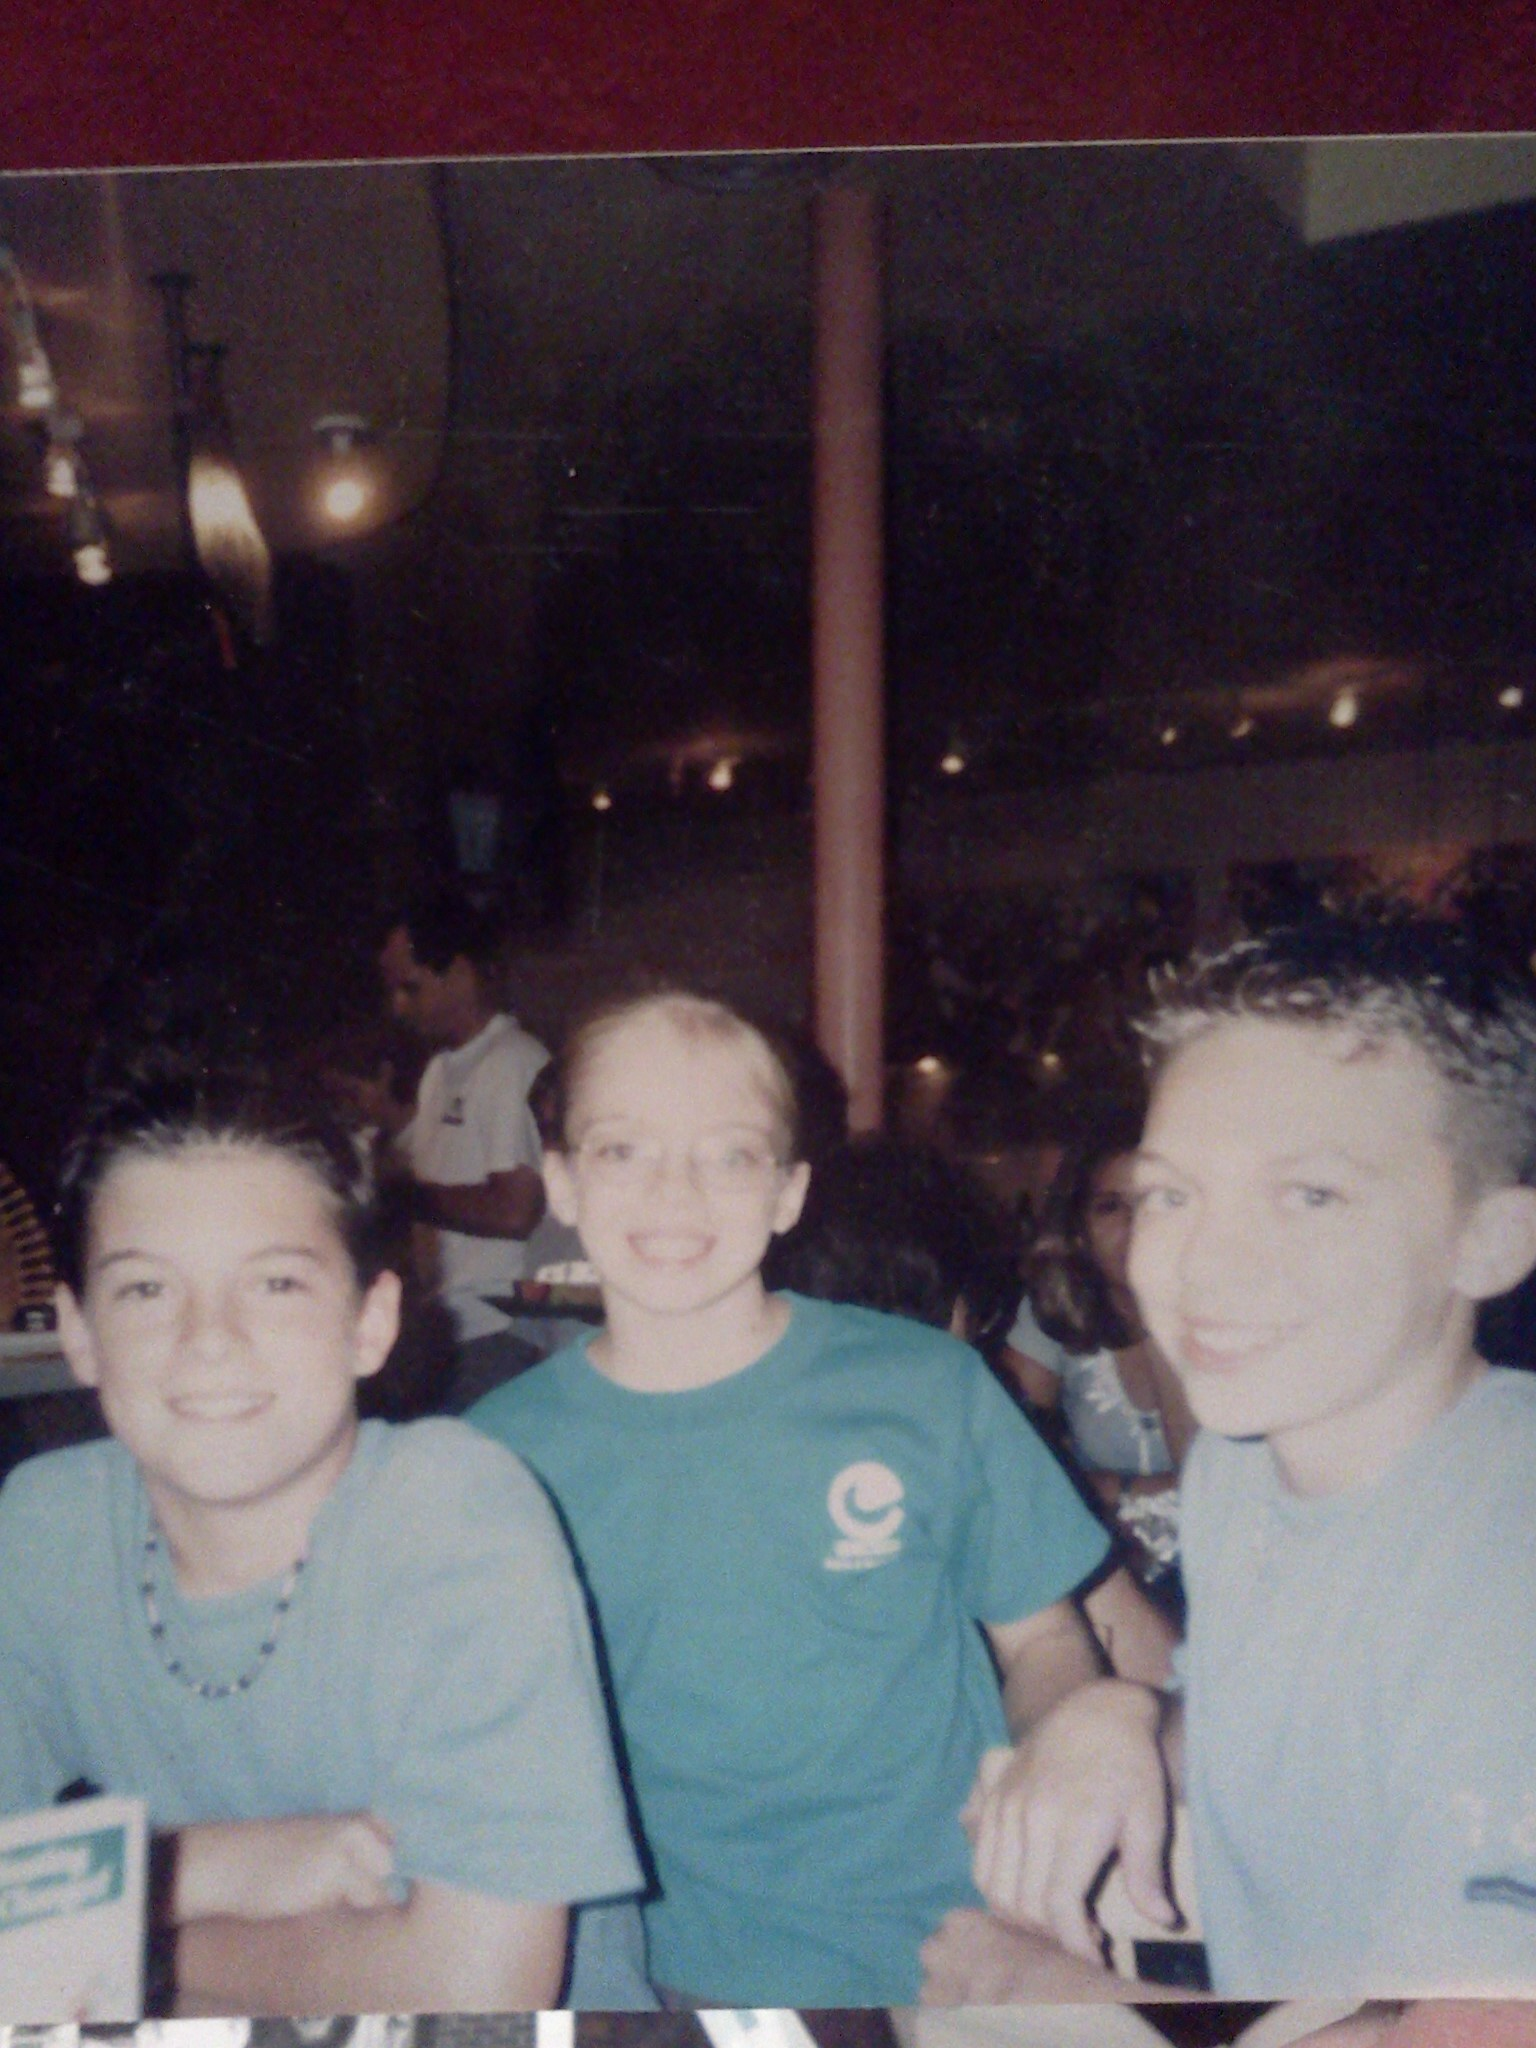 Justin, Gary, and Shay